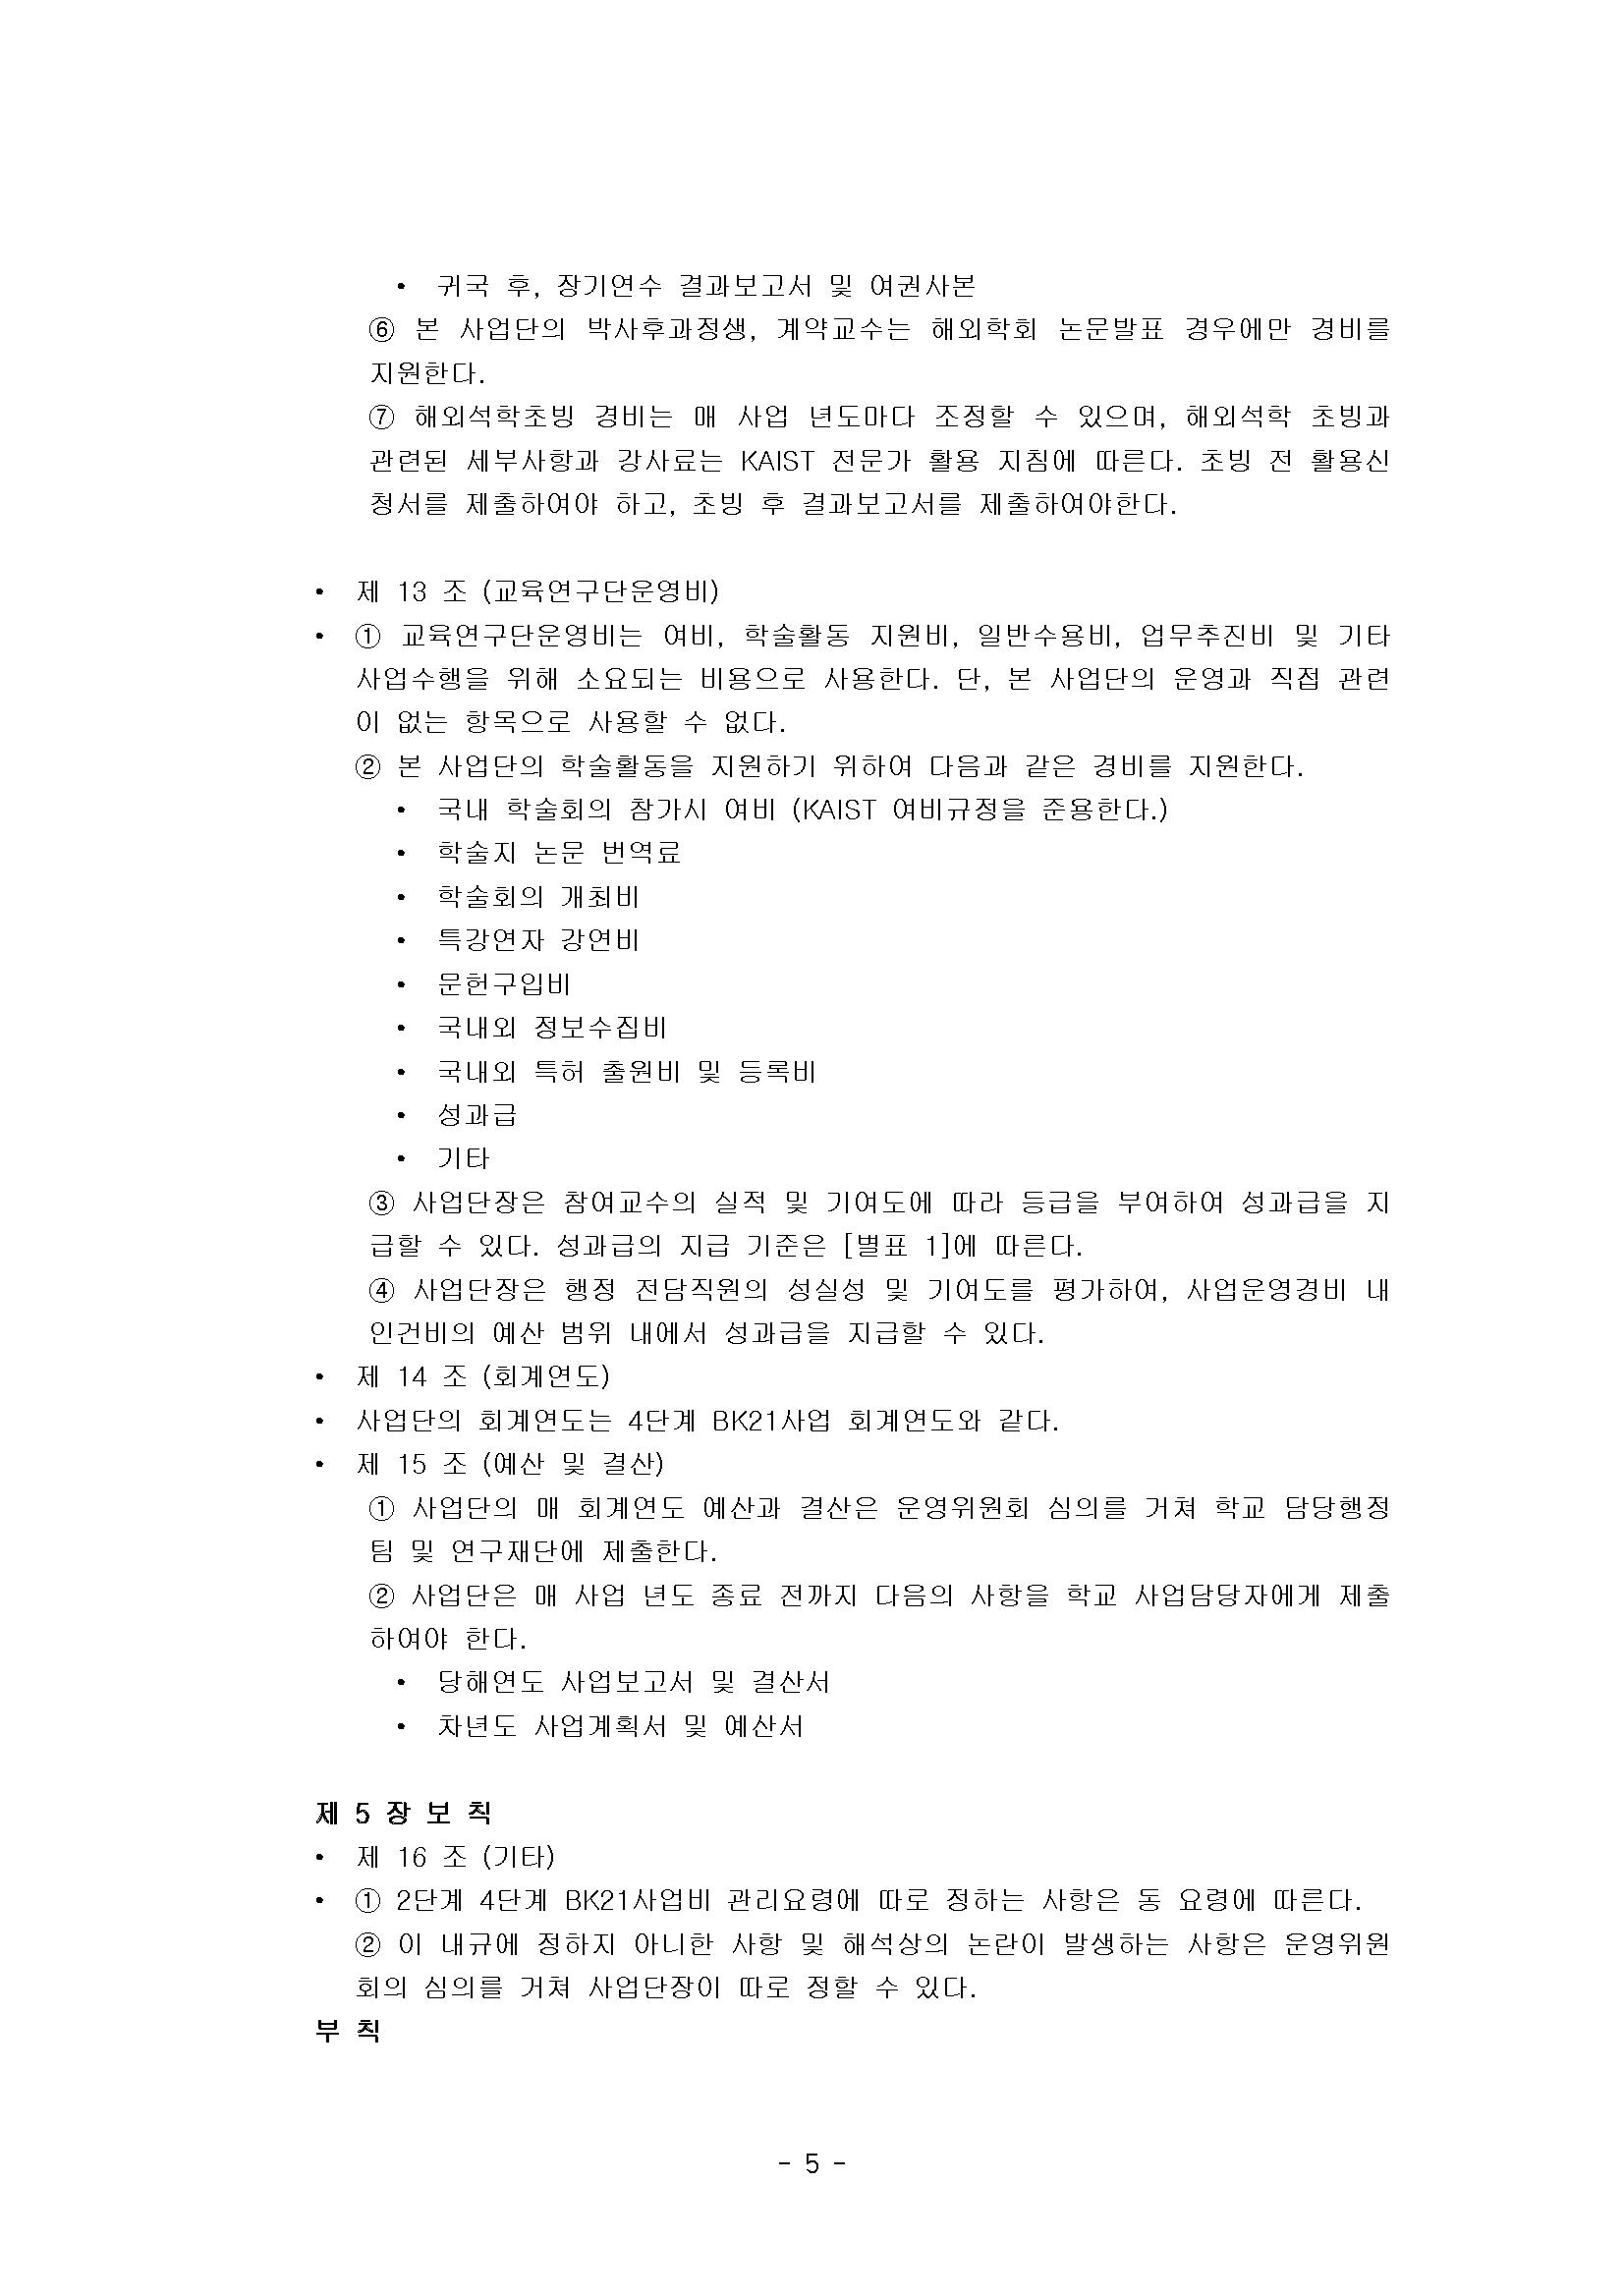 4단계 BK21 운영내규(21.04.27)_수정_페이지_5